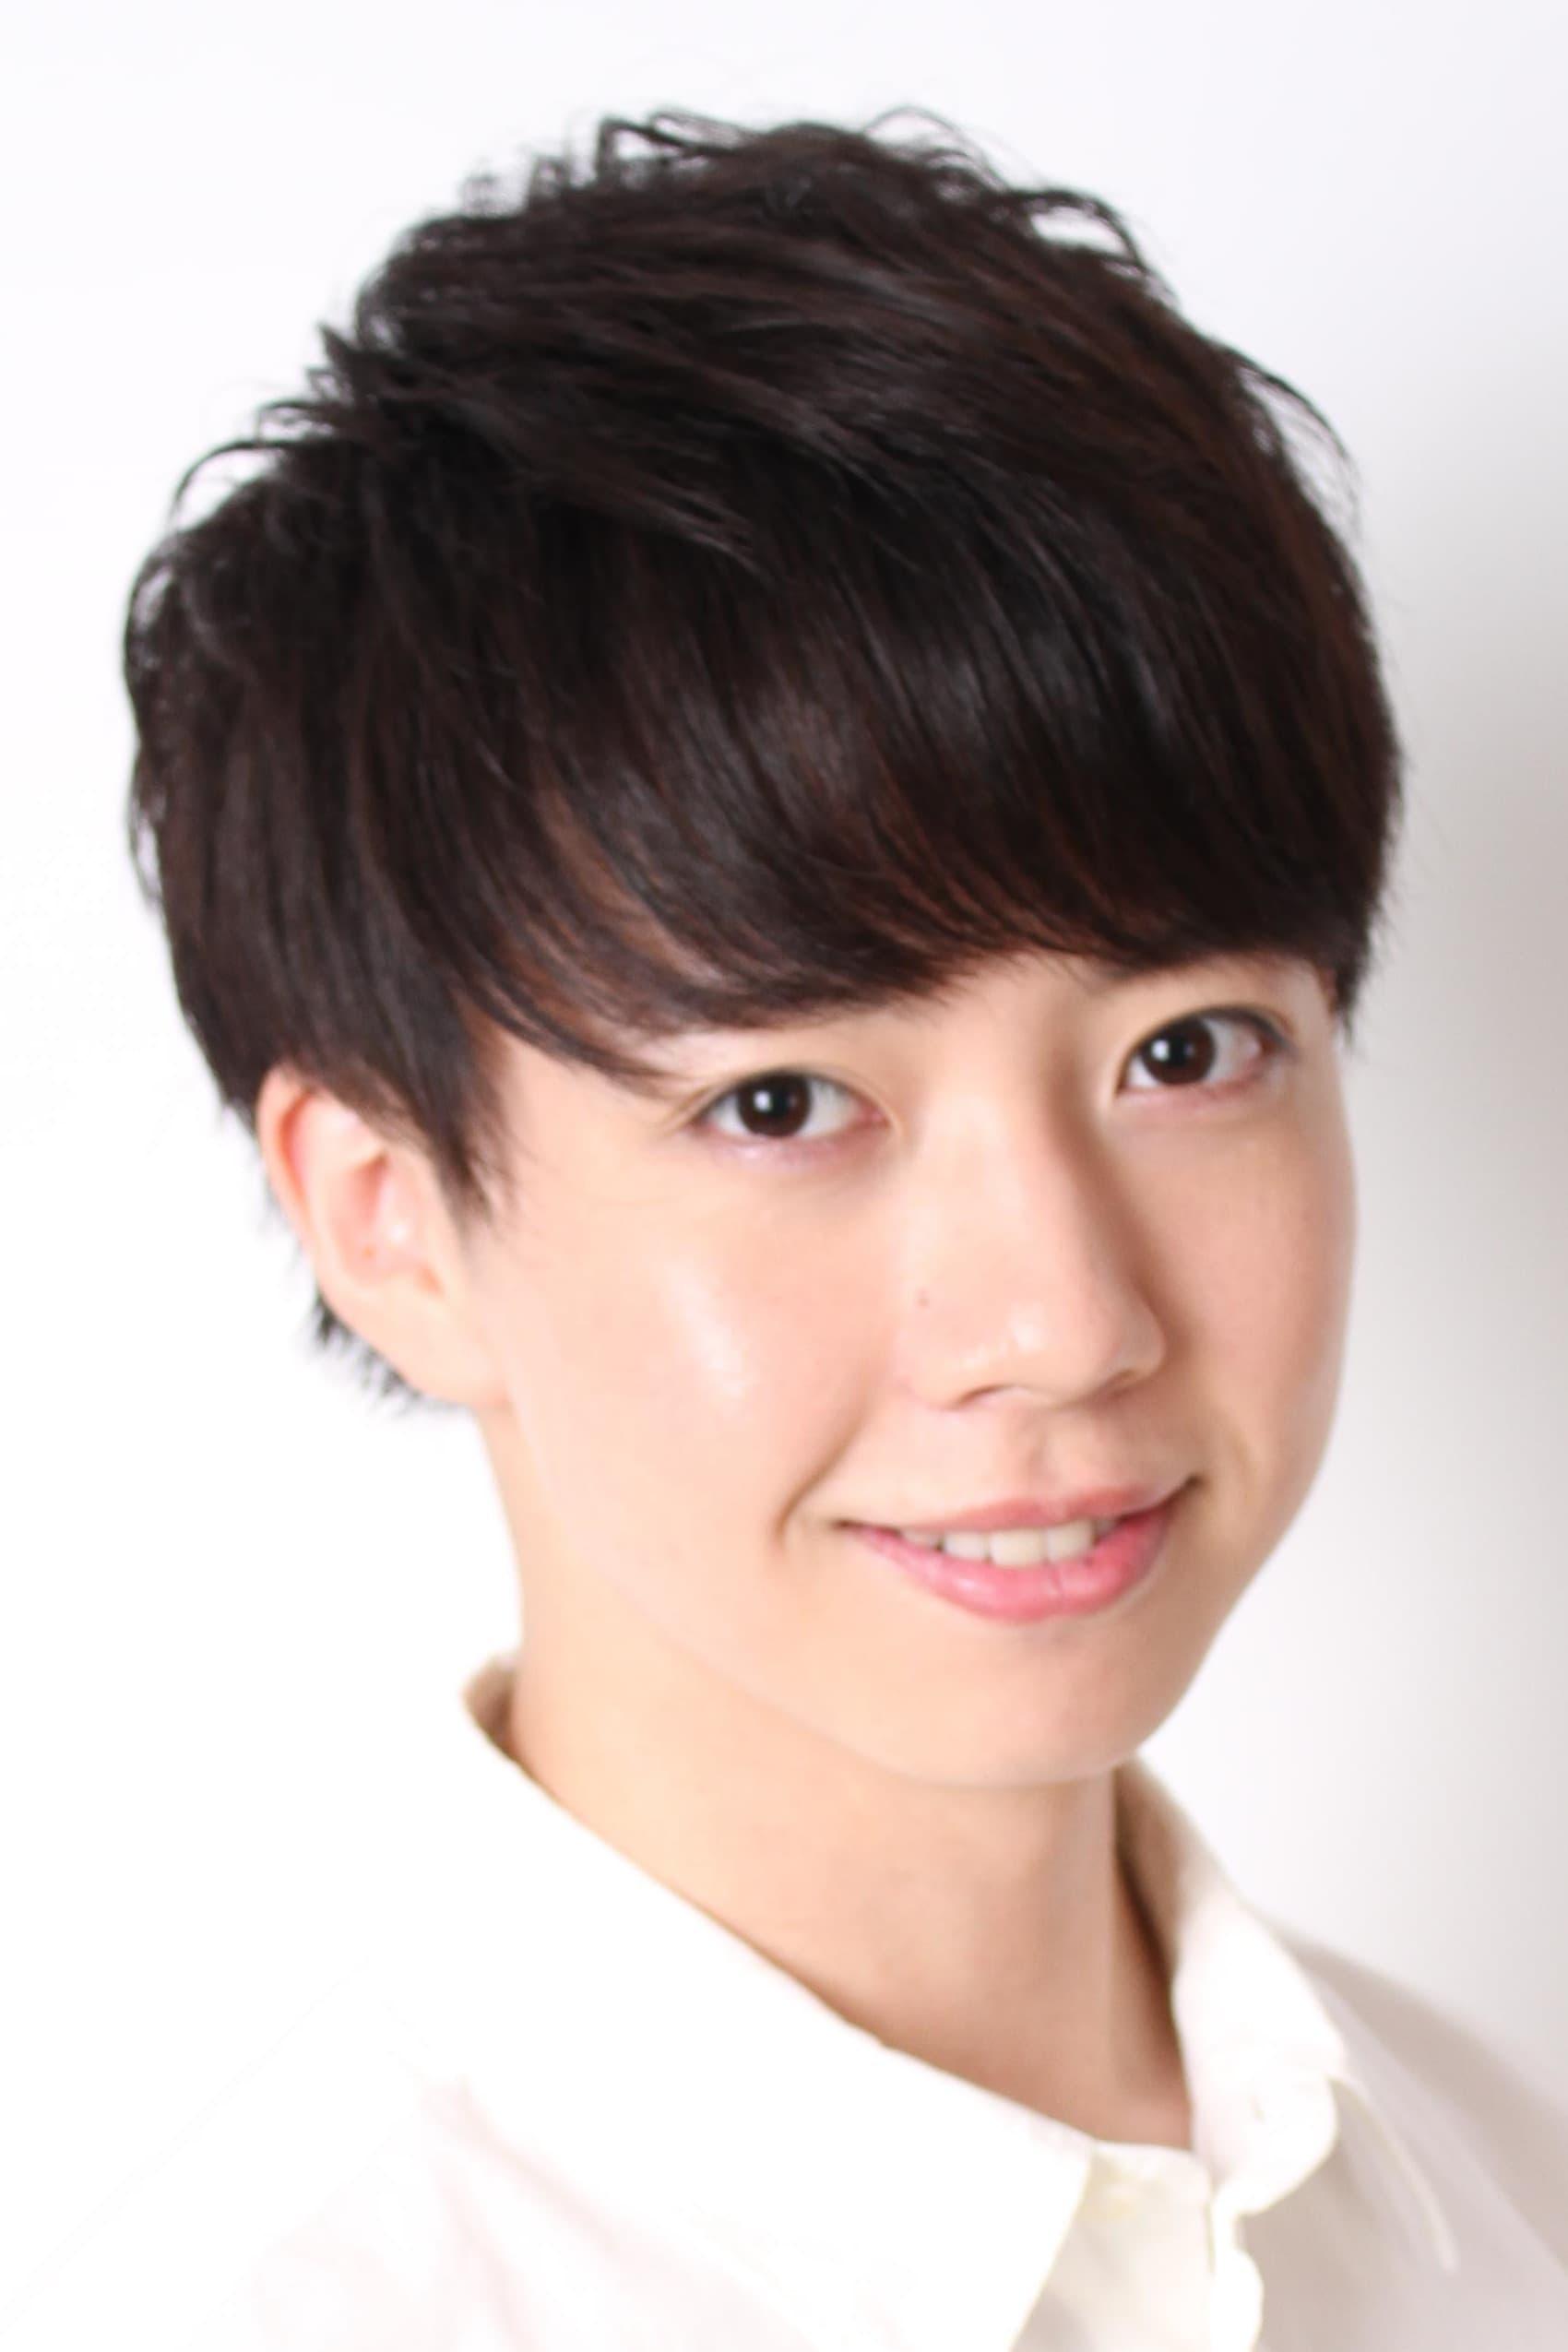 Kōsuke Tanabe